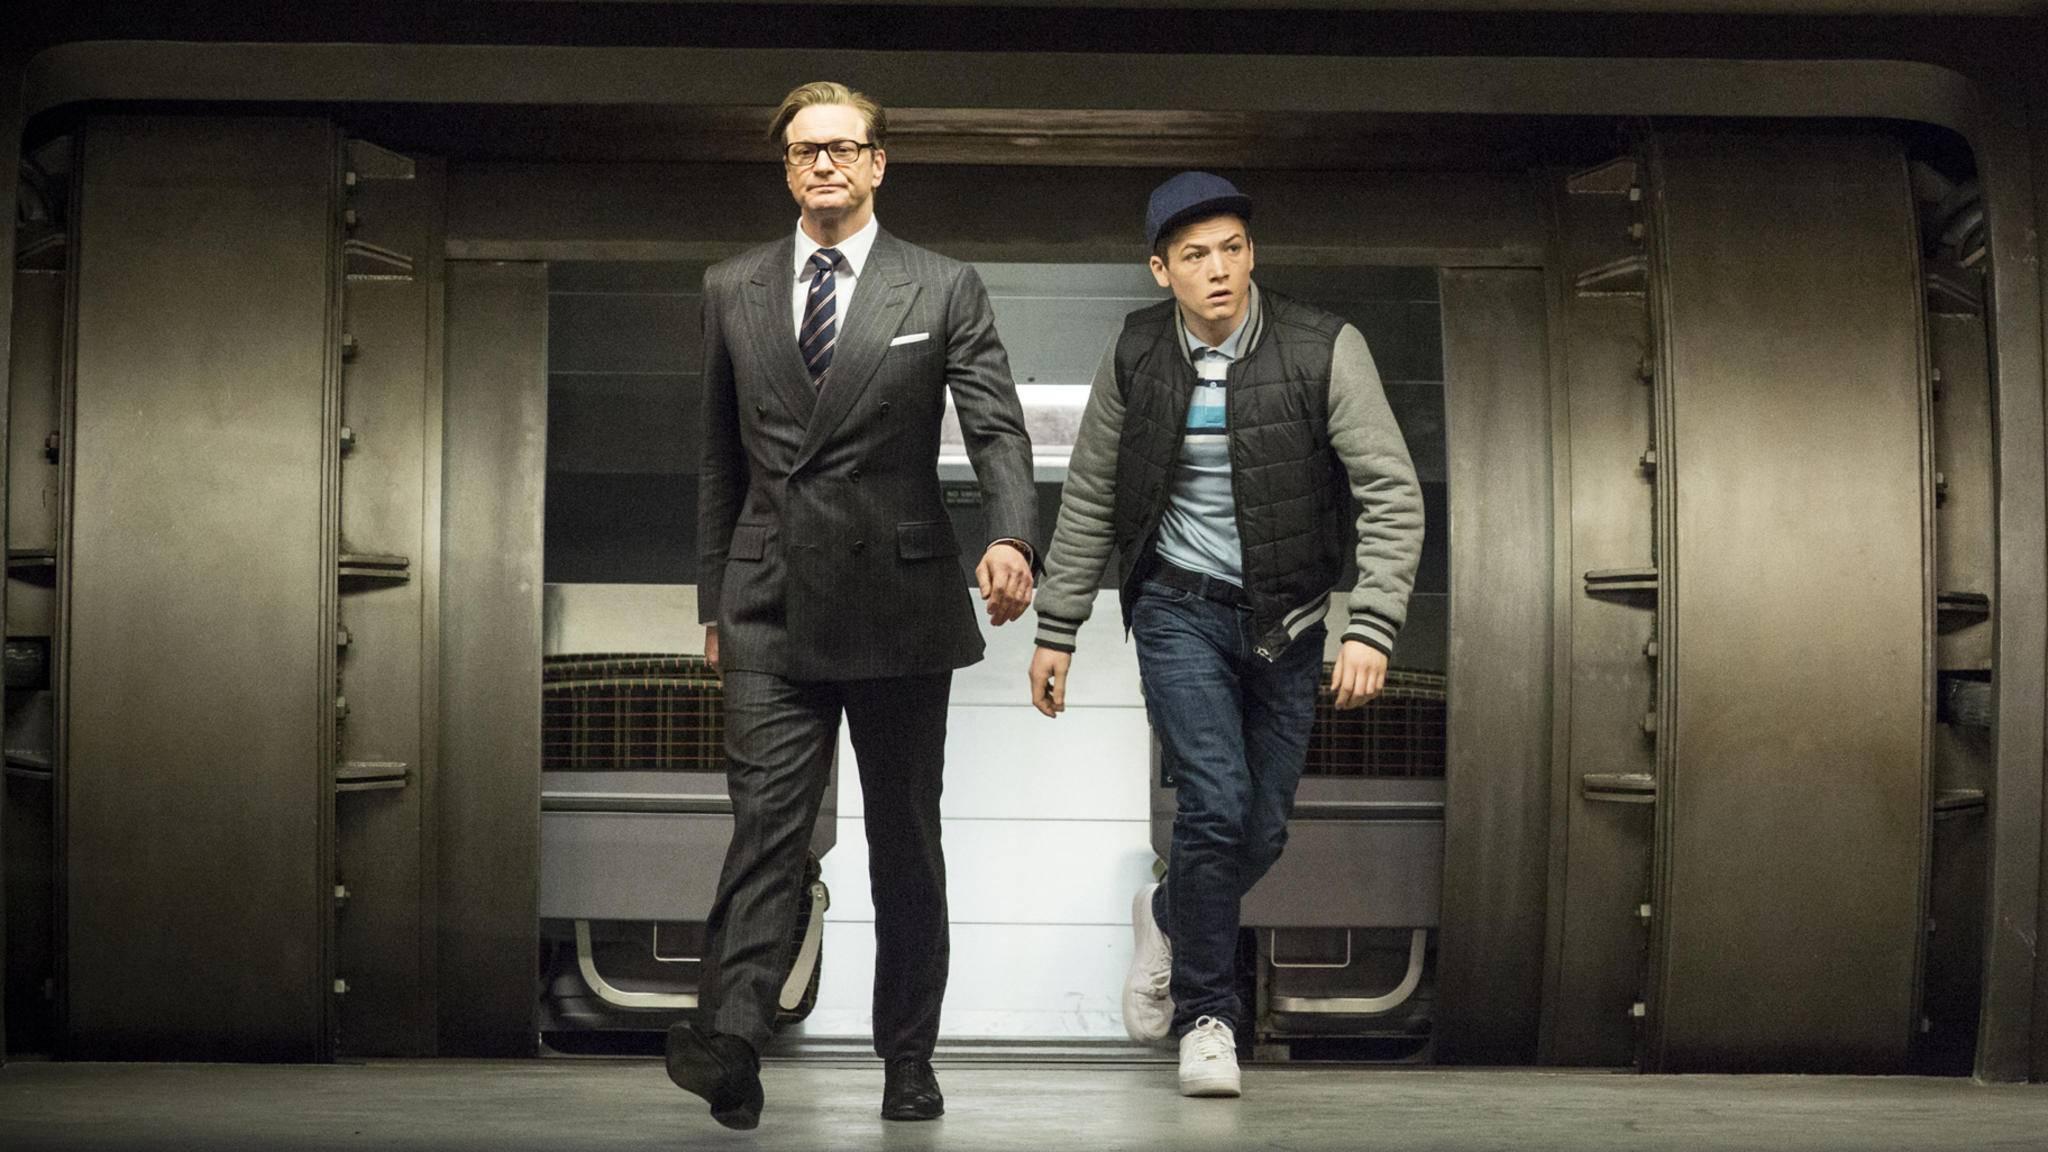 """Harry (Colin Firth) und Eggsy (Taron Egerton) werden in """"Kingsman 3"""" ihre letzte gemeinsame Mission absolvieren."""